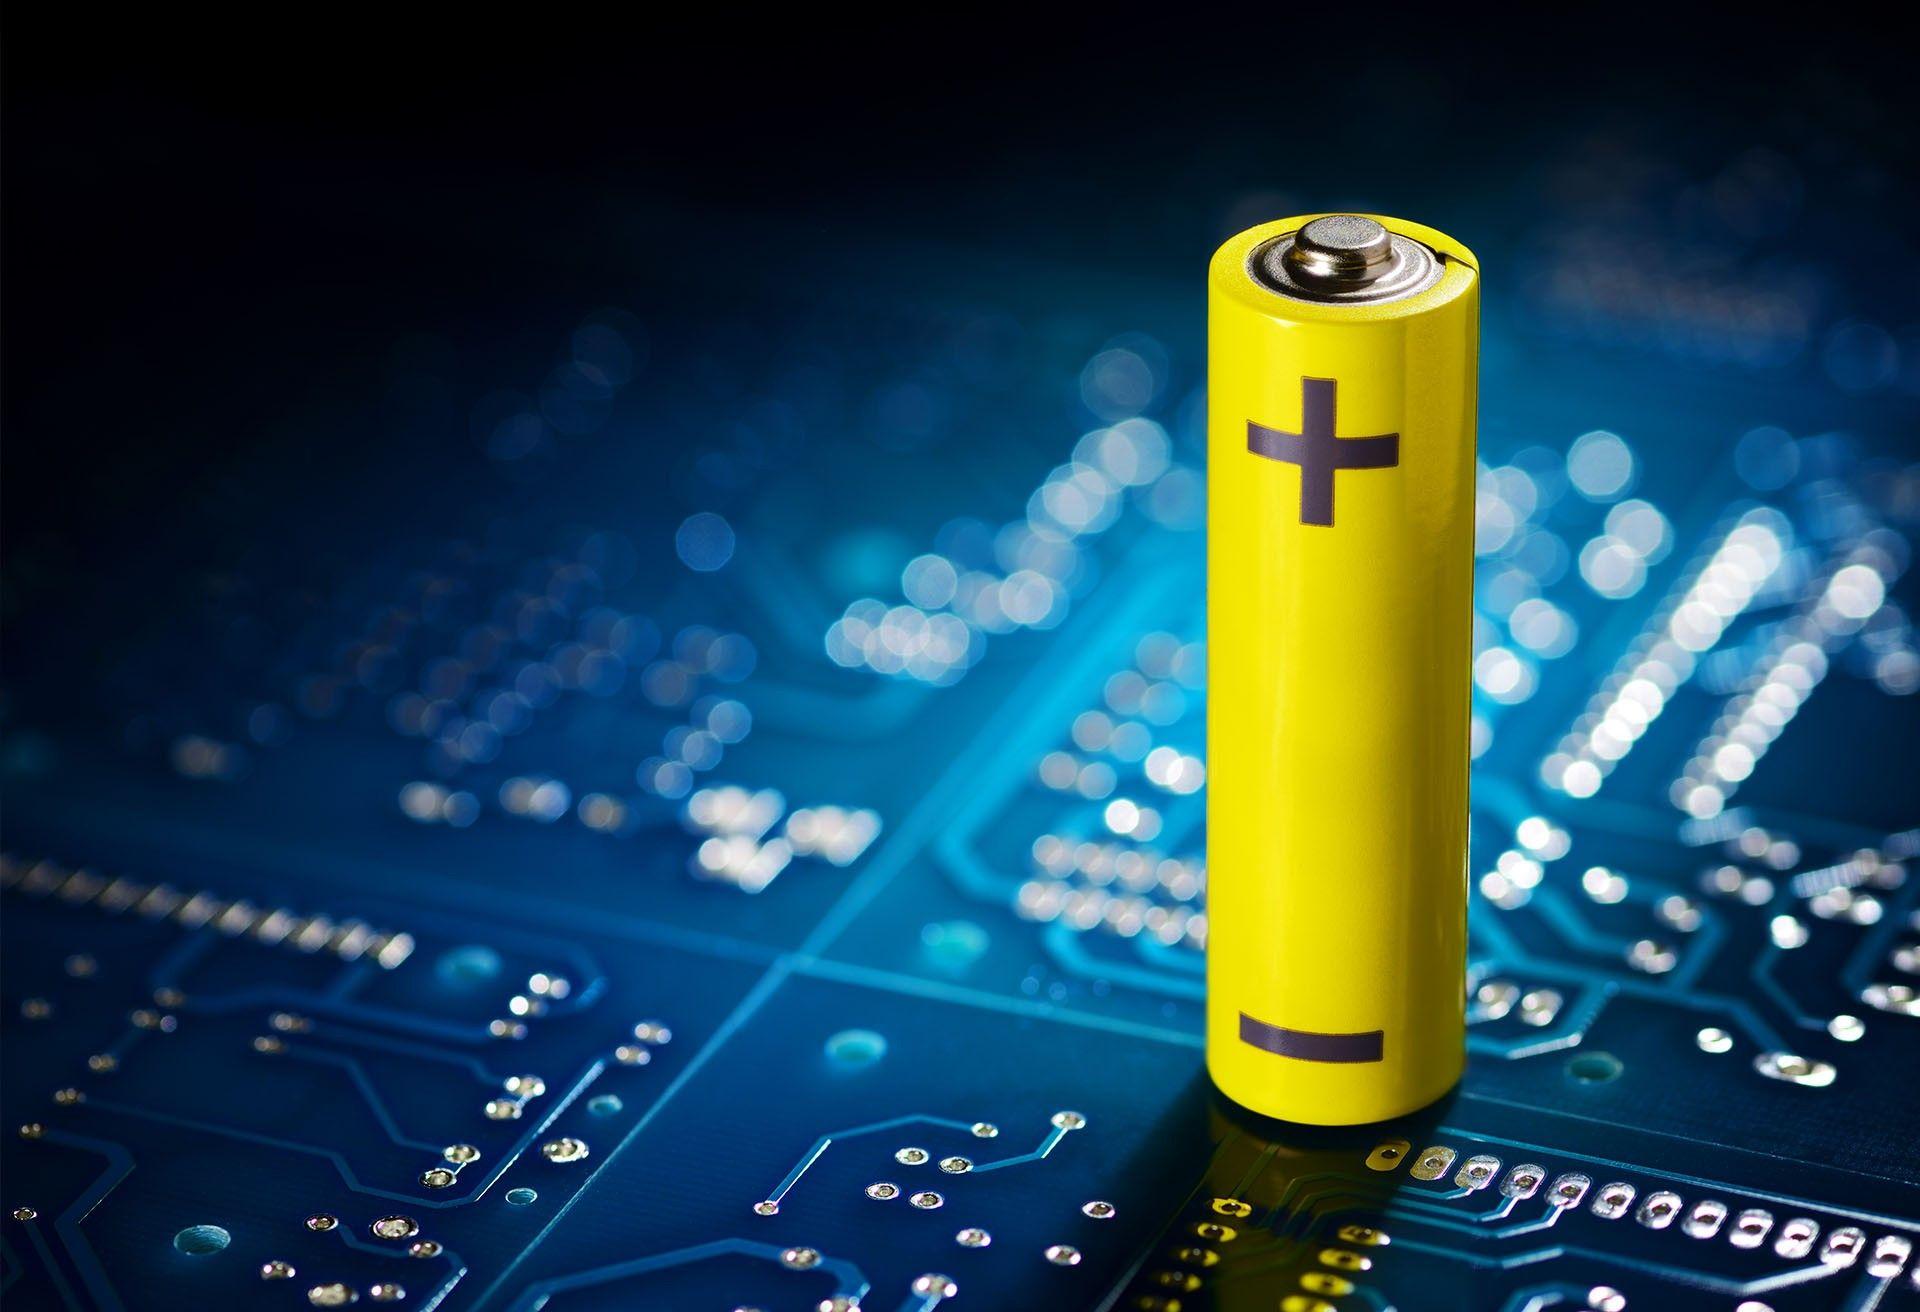 batteryworld-kataskevi-ilektronikou-katastimatos